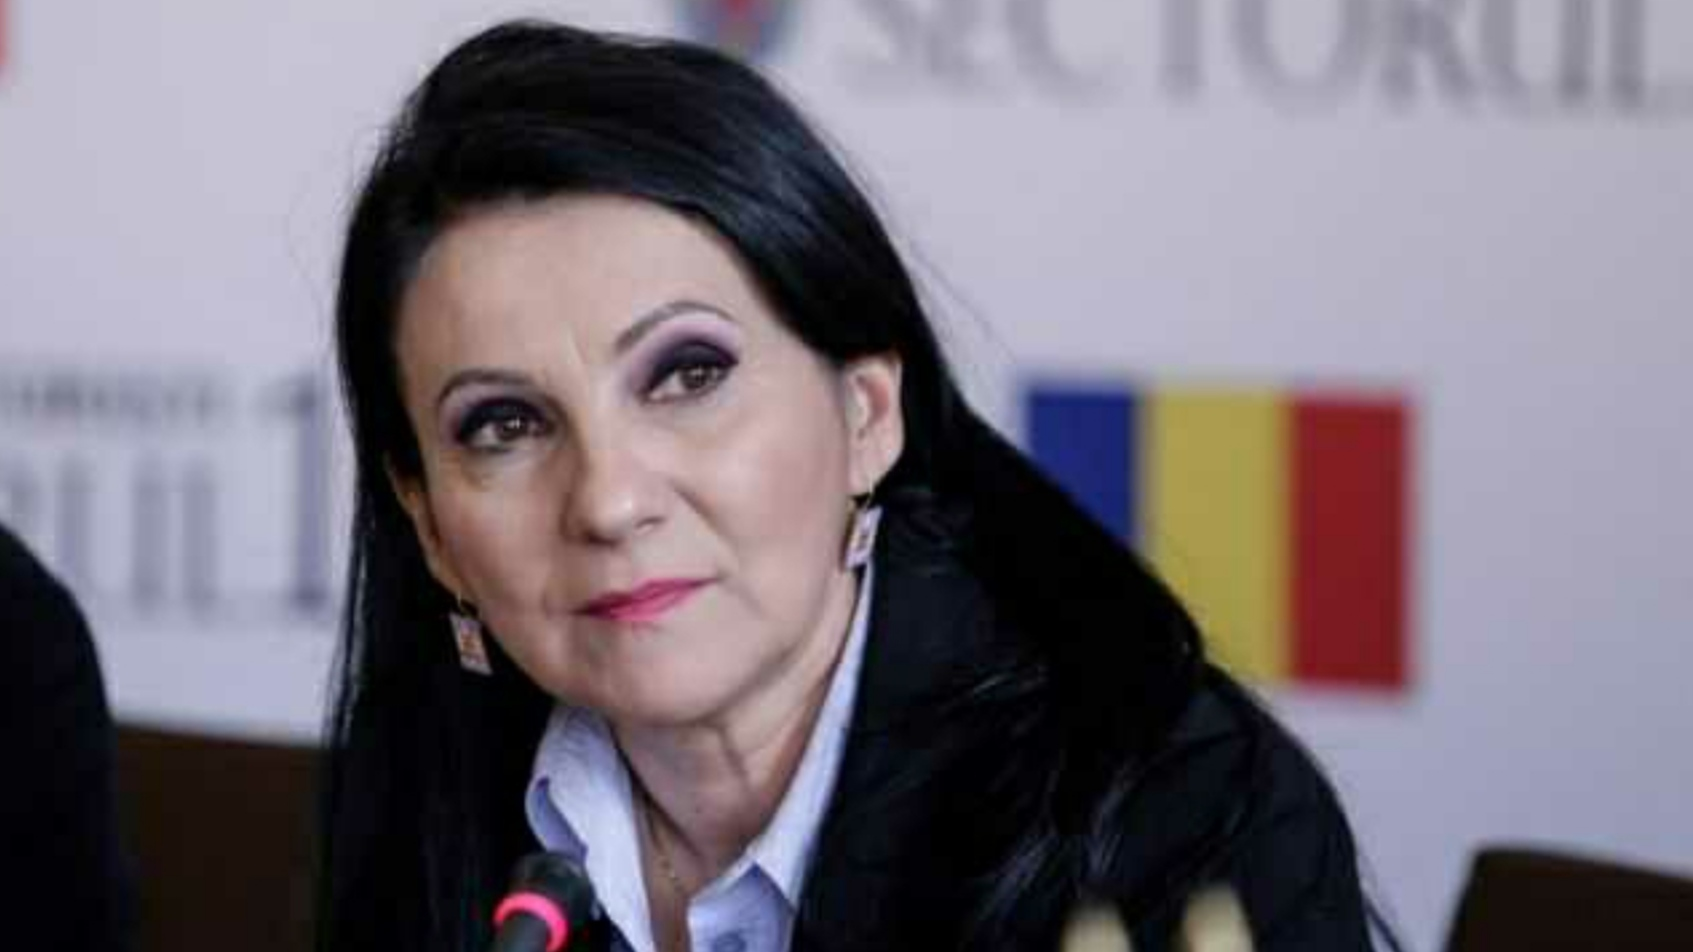 Deciziei șoc a magistraților: Sorina Pintea va fi eliberată din arest şi plasată sub control judiciar